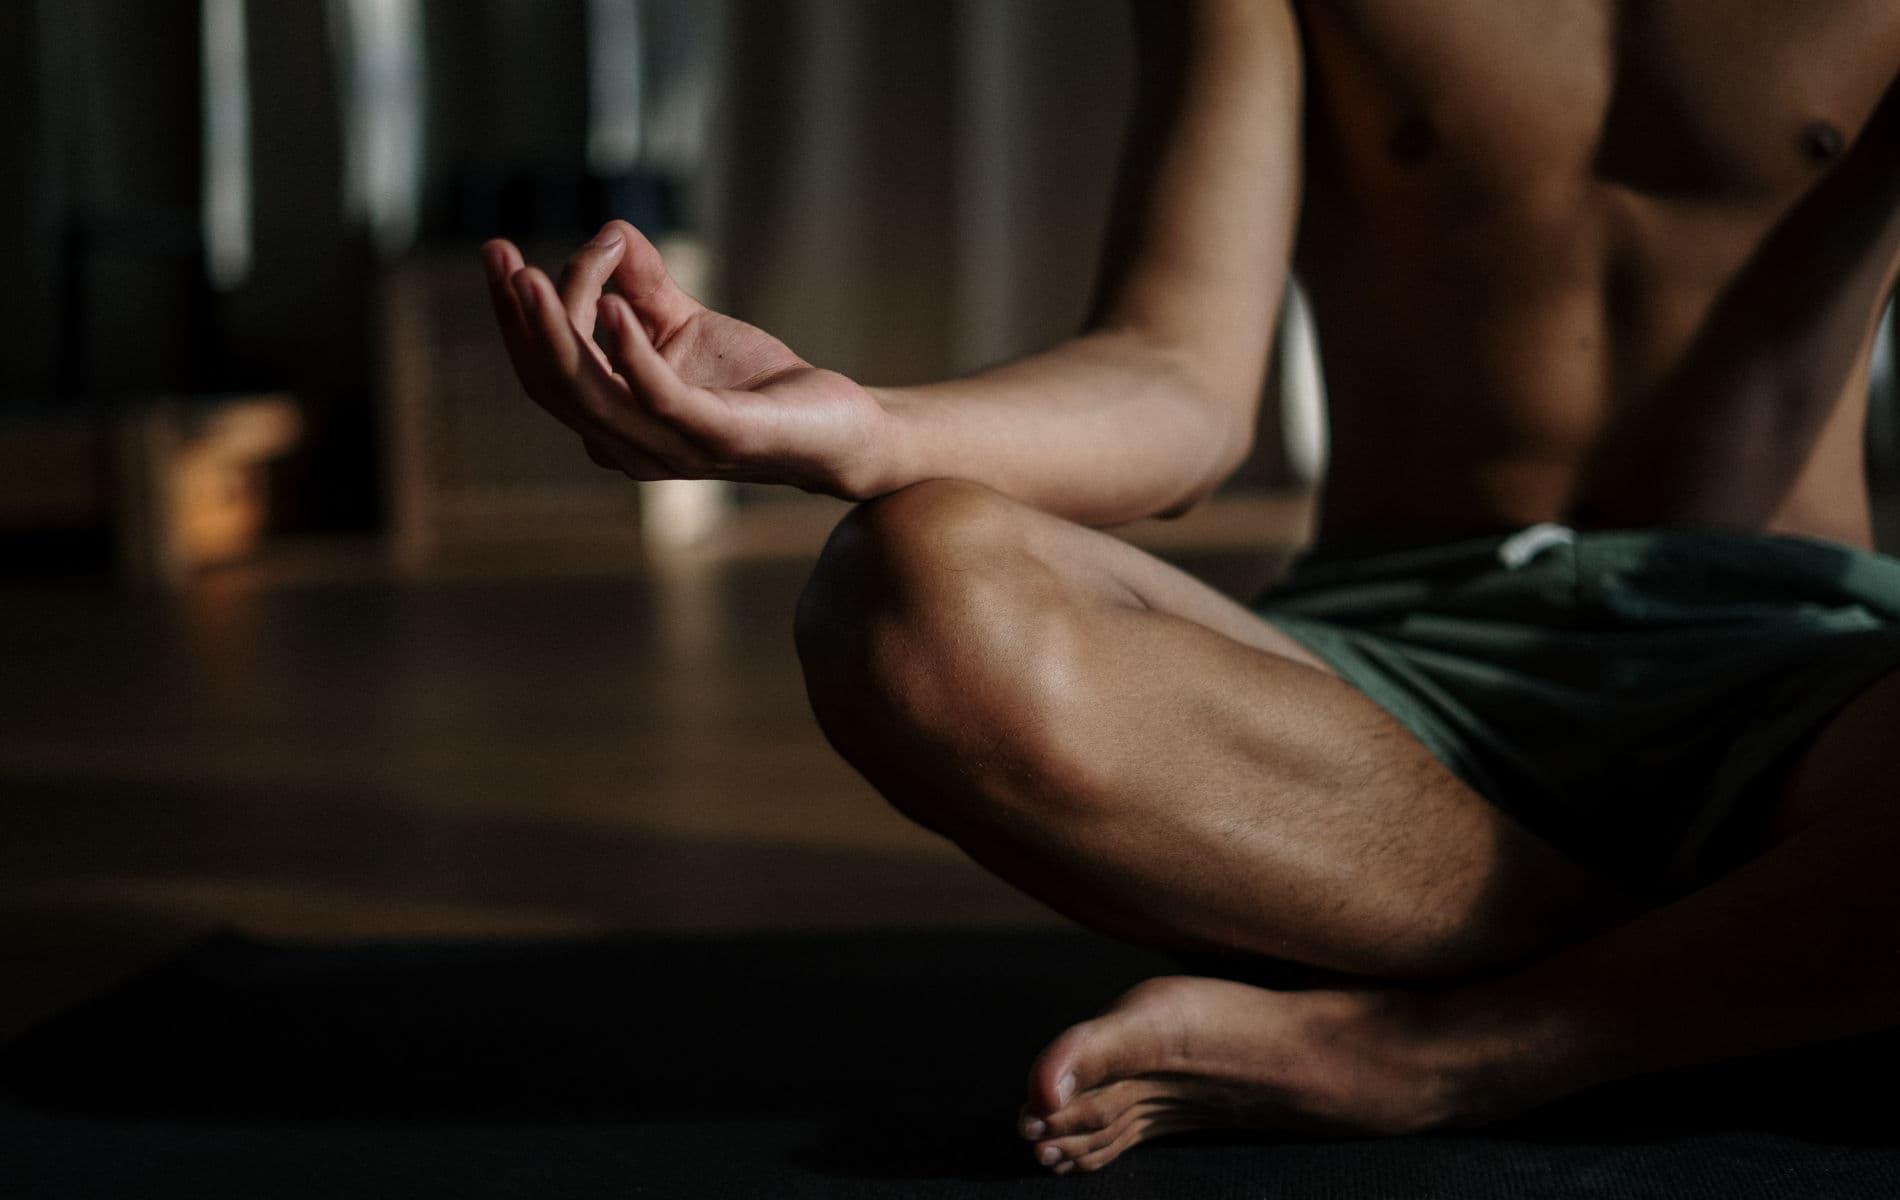 Mann sitzt meditierend auf dem Boden - Body-Mind-Power Biohacking